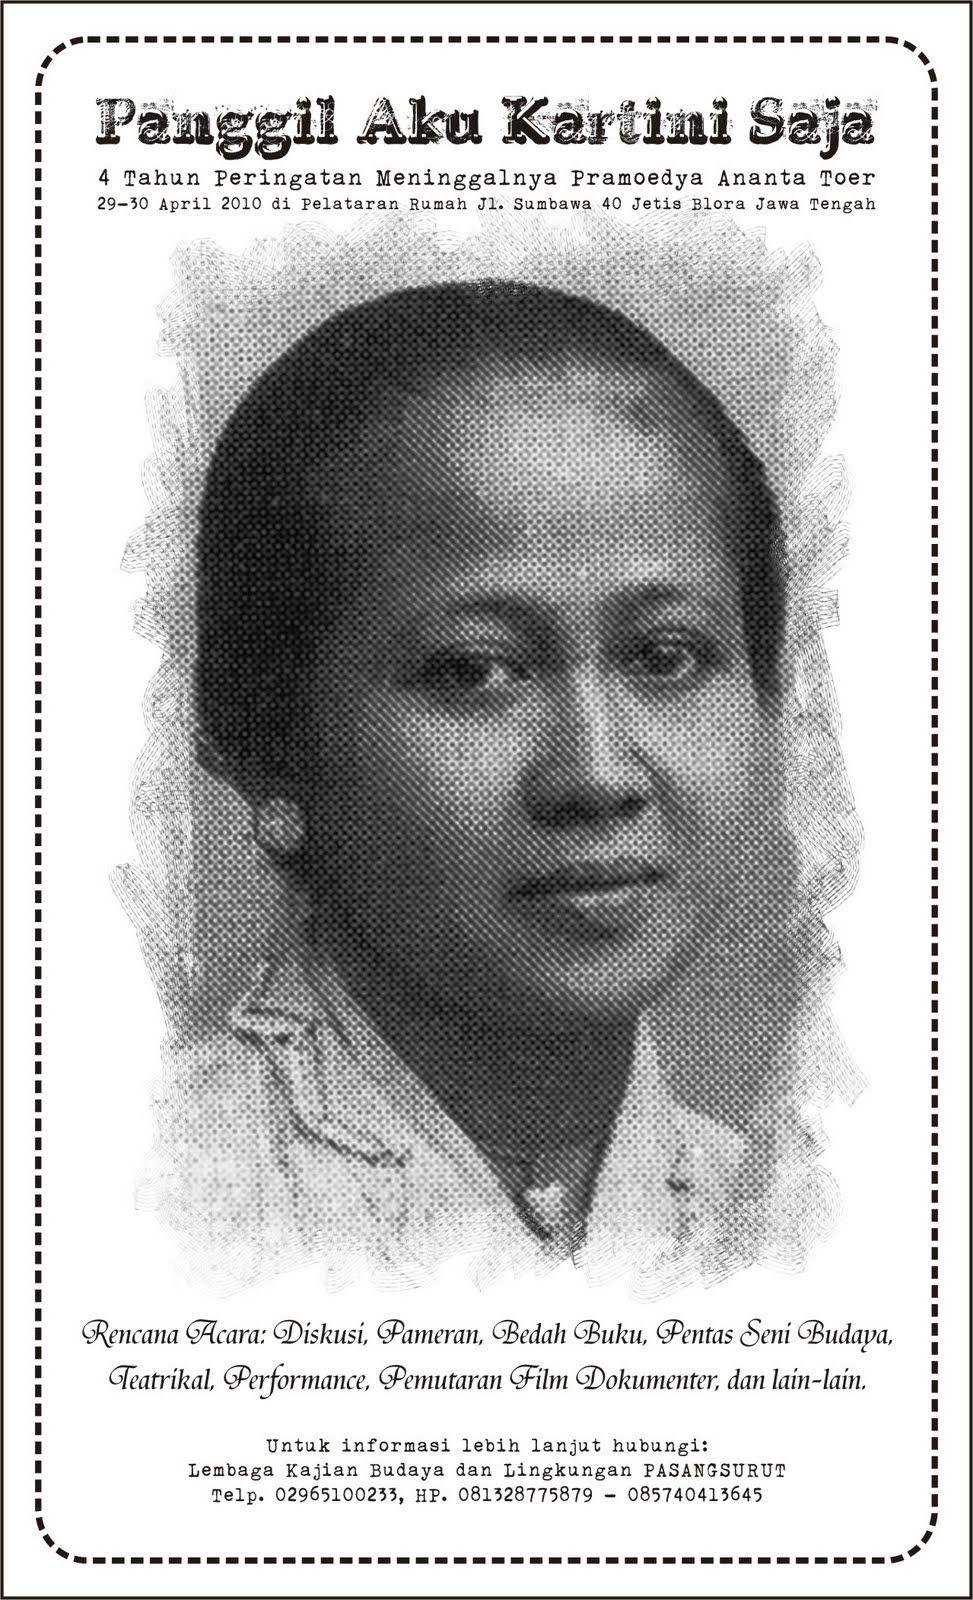 Panggil Pang To Call Someone Aku Kartini Saja April 2010